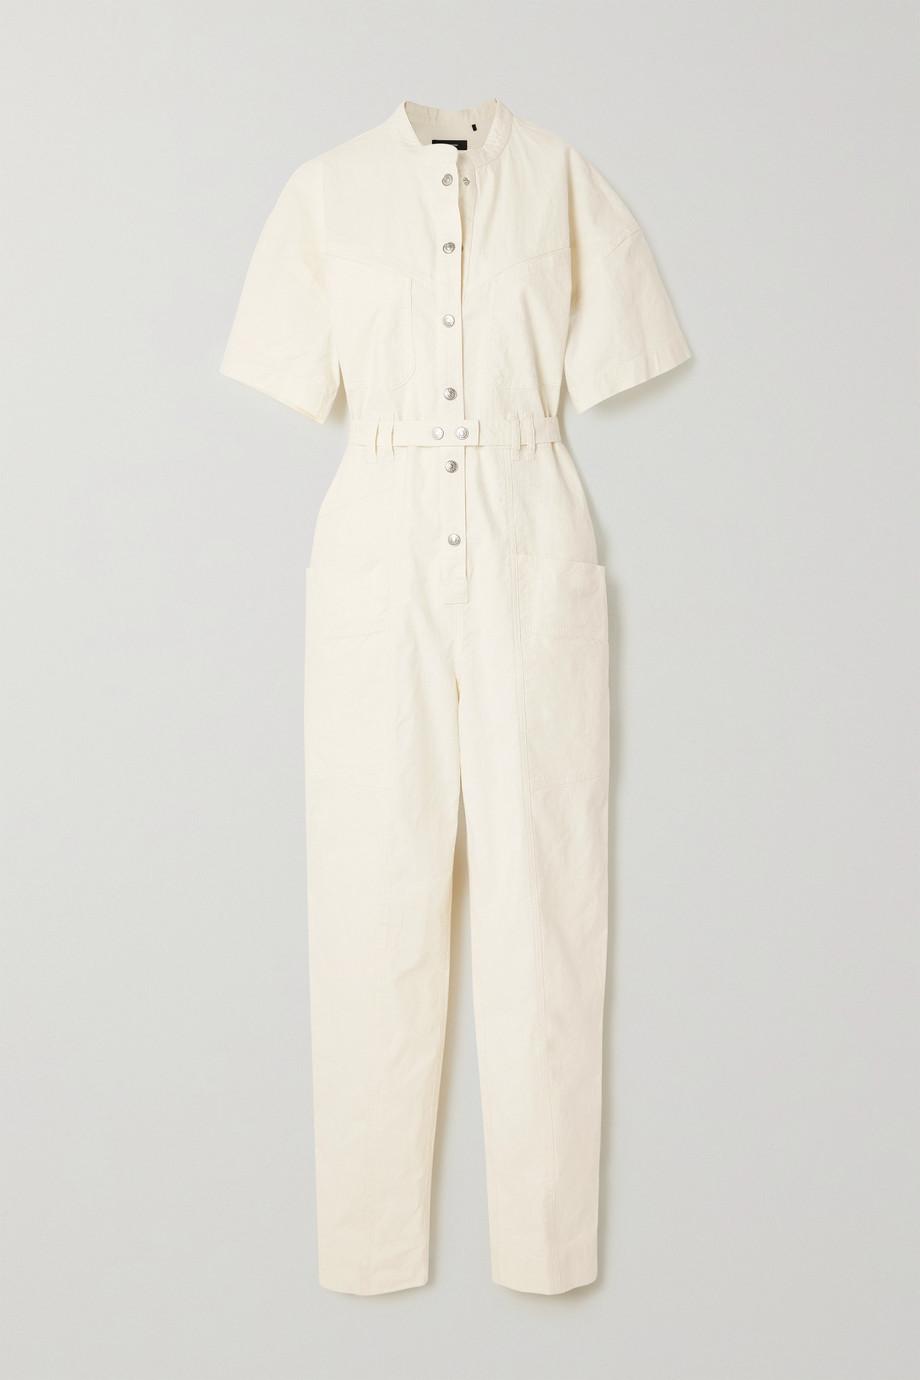 Isabel Marant Etundra belted linen-blend ripstop jumpsuit